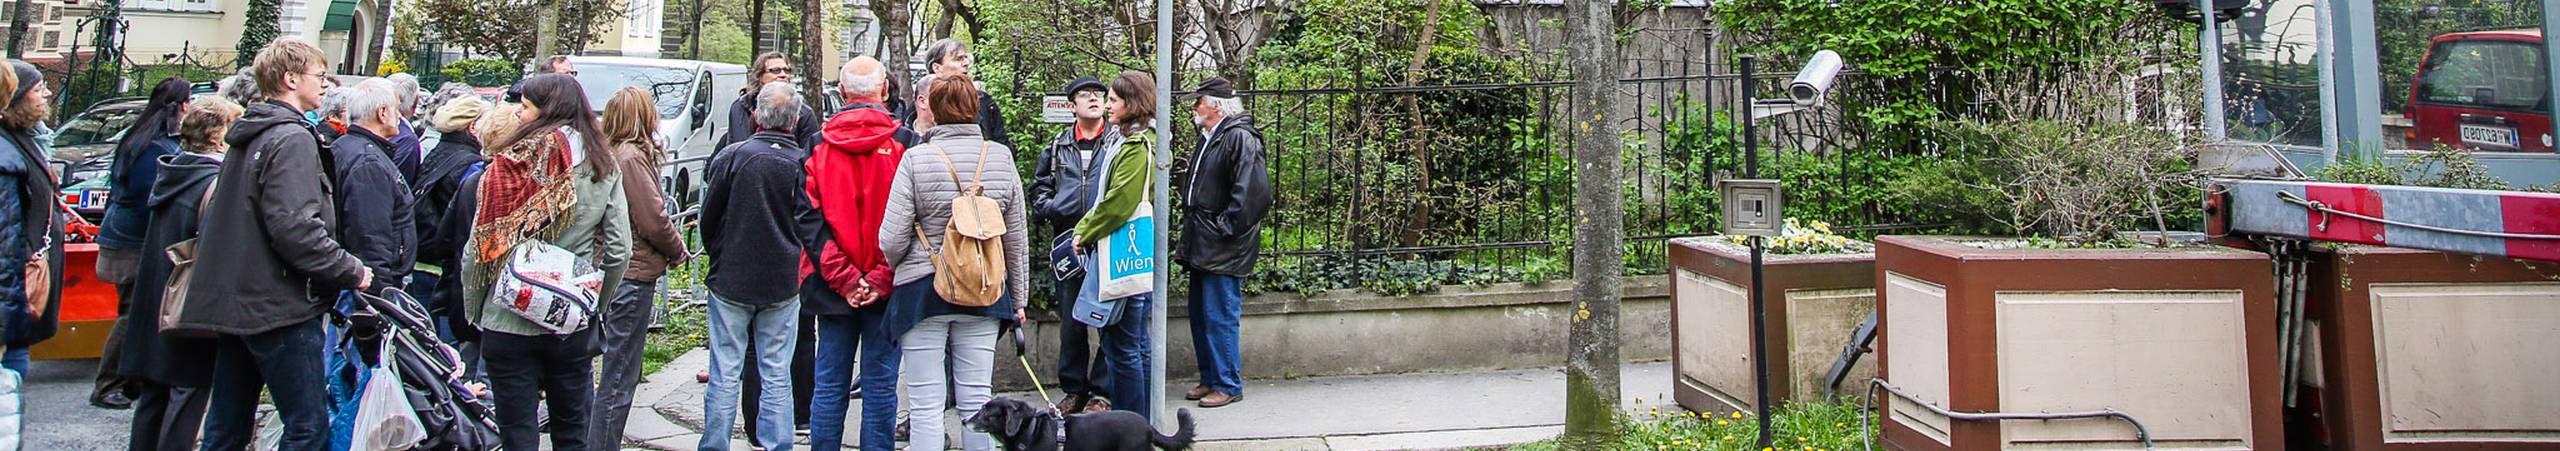 Petra Jens und Teilnehmer des Geh Cafes Währing stehen an einer Straßenecke und unterhalten sich über angrenzende Urban Gardening Beete. Foto von Christian Fuerthner